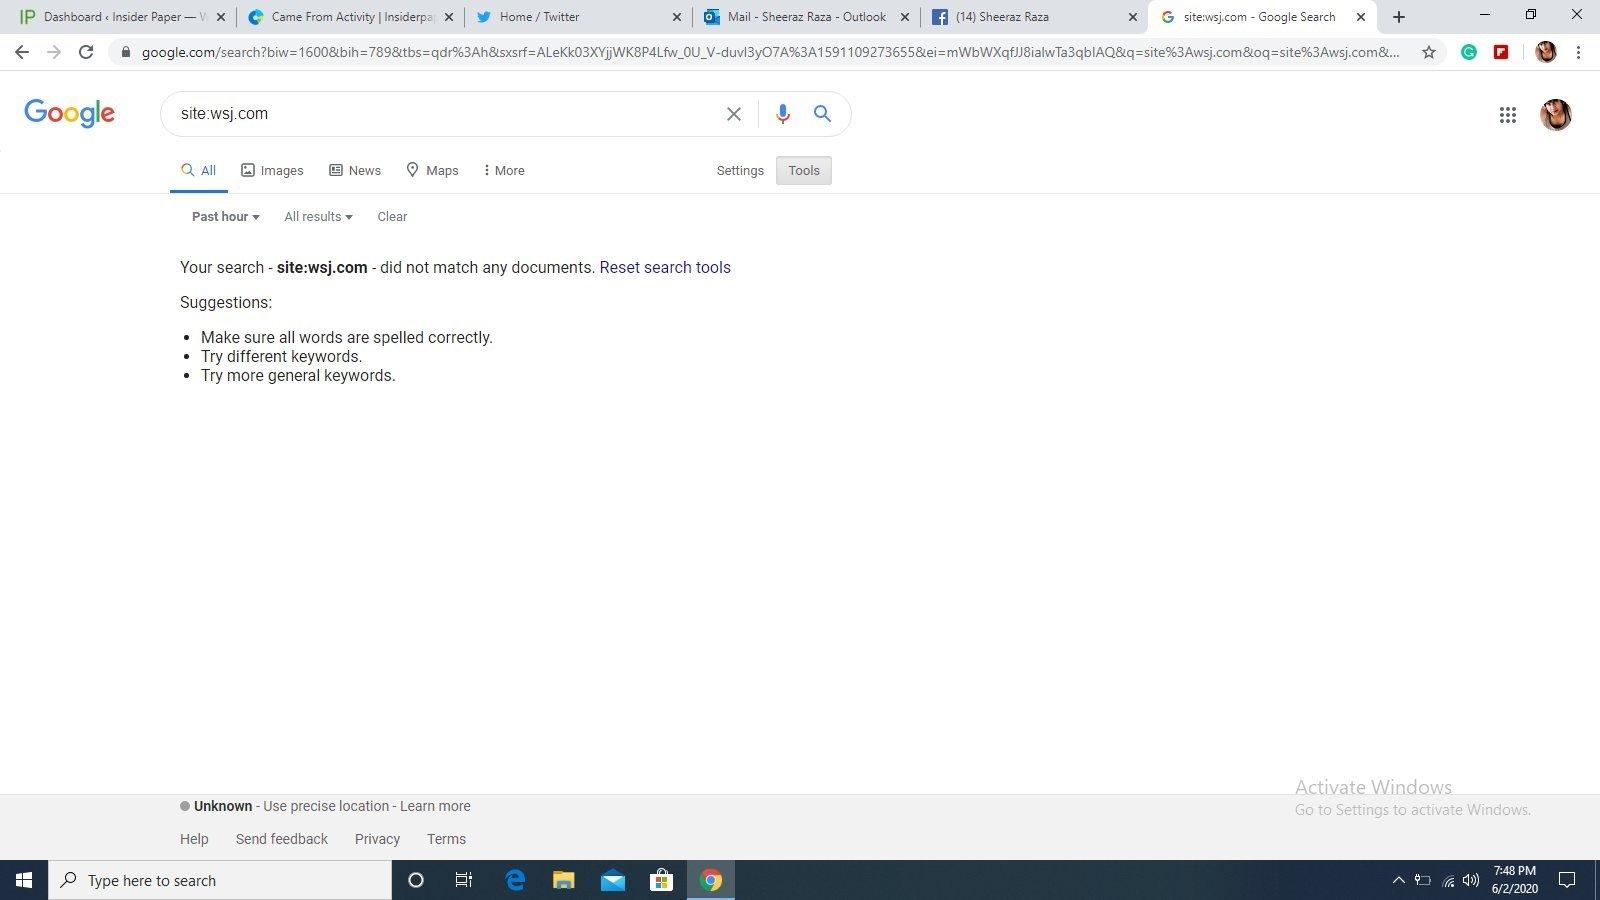 problema pesquisa google